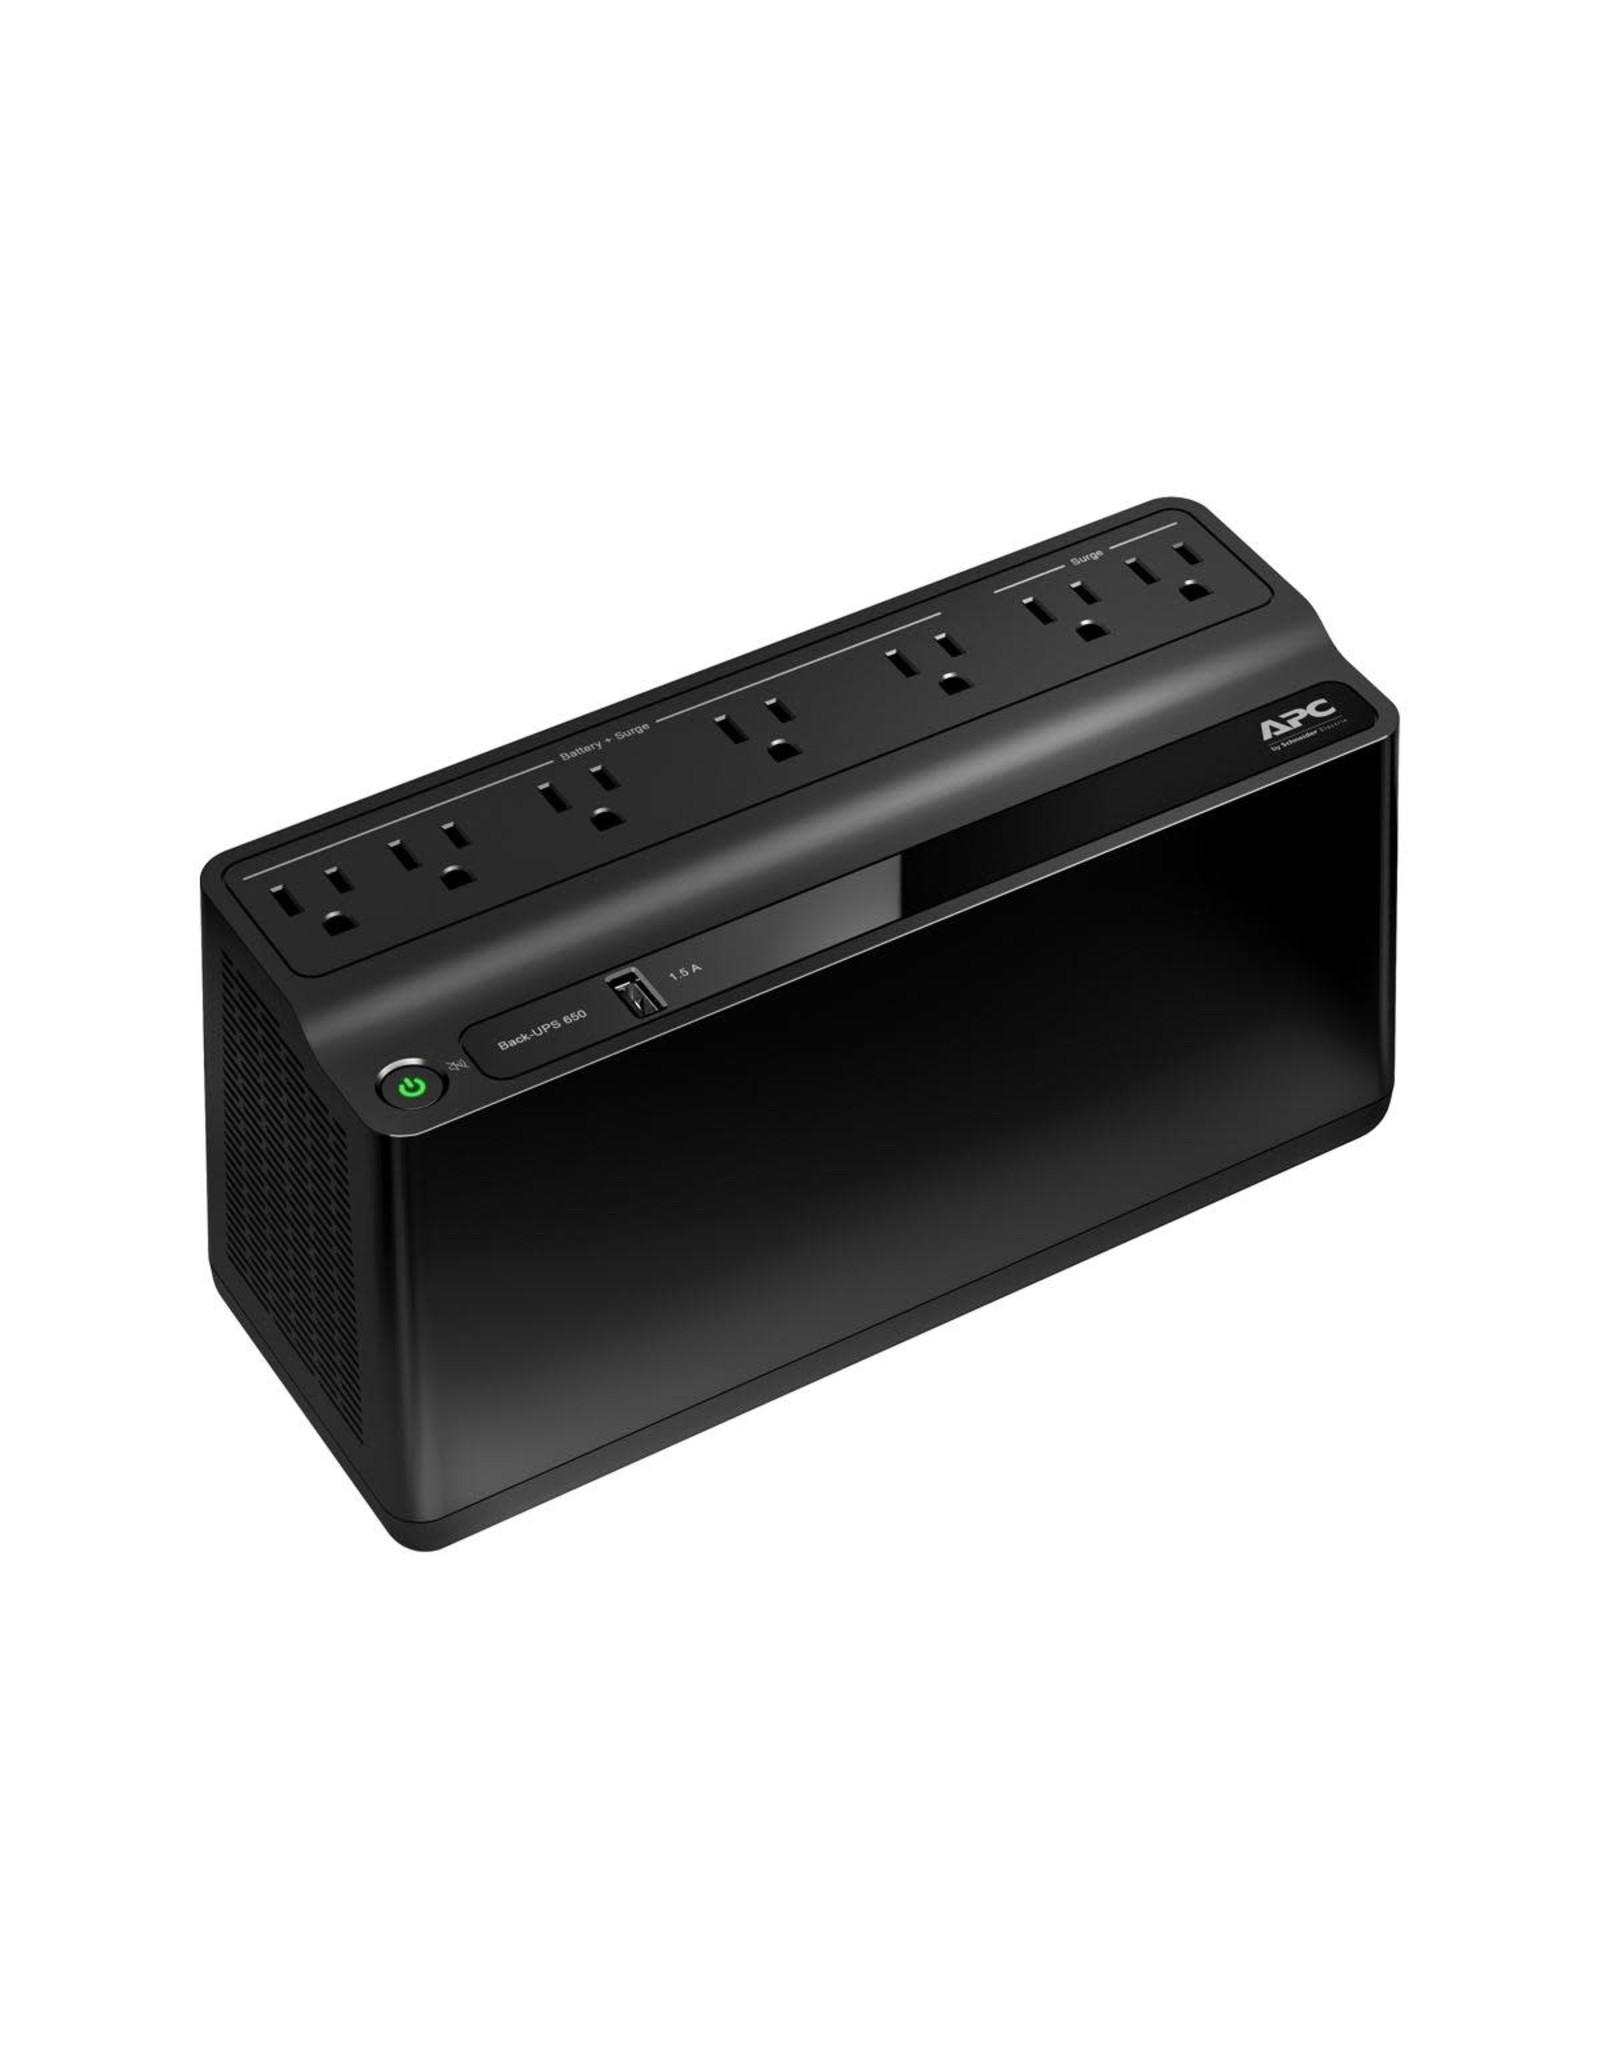 APC APC Back-UPS 7 Outlet 650VA 120V 1 USB Charging Port